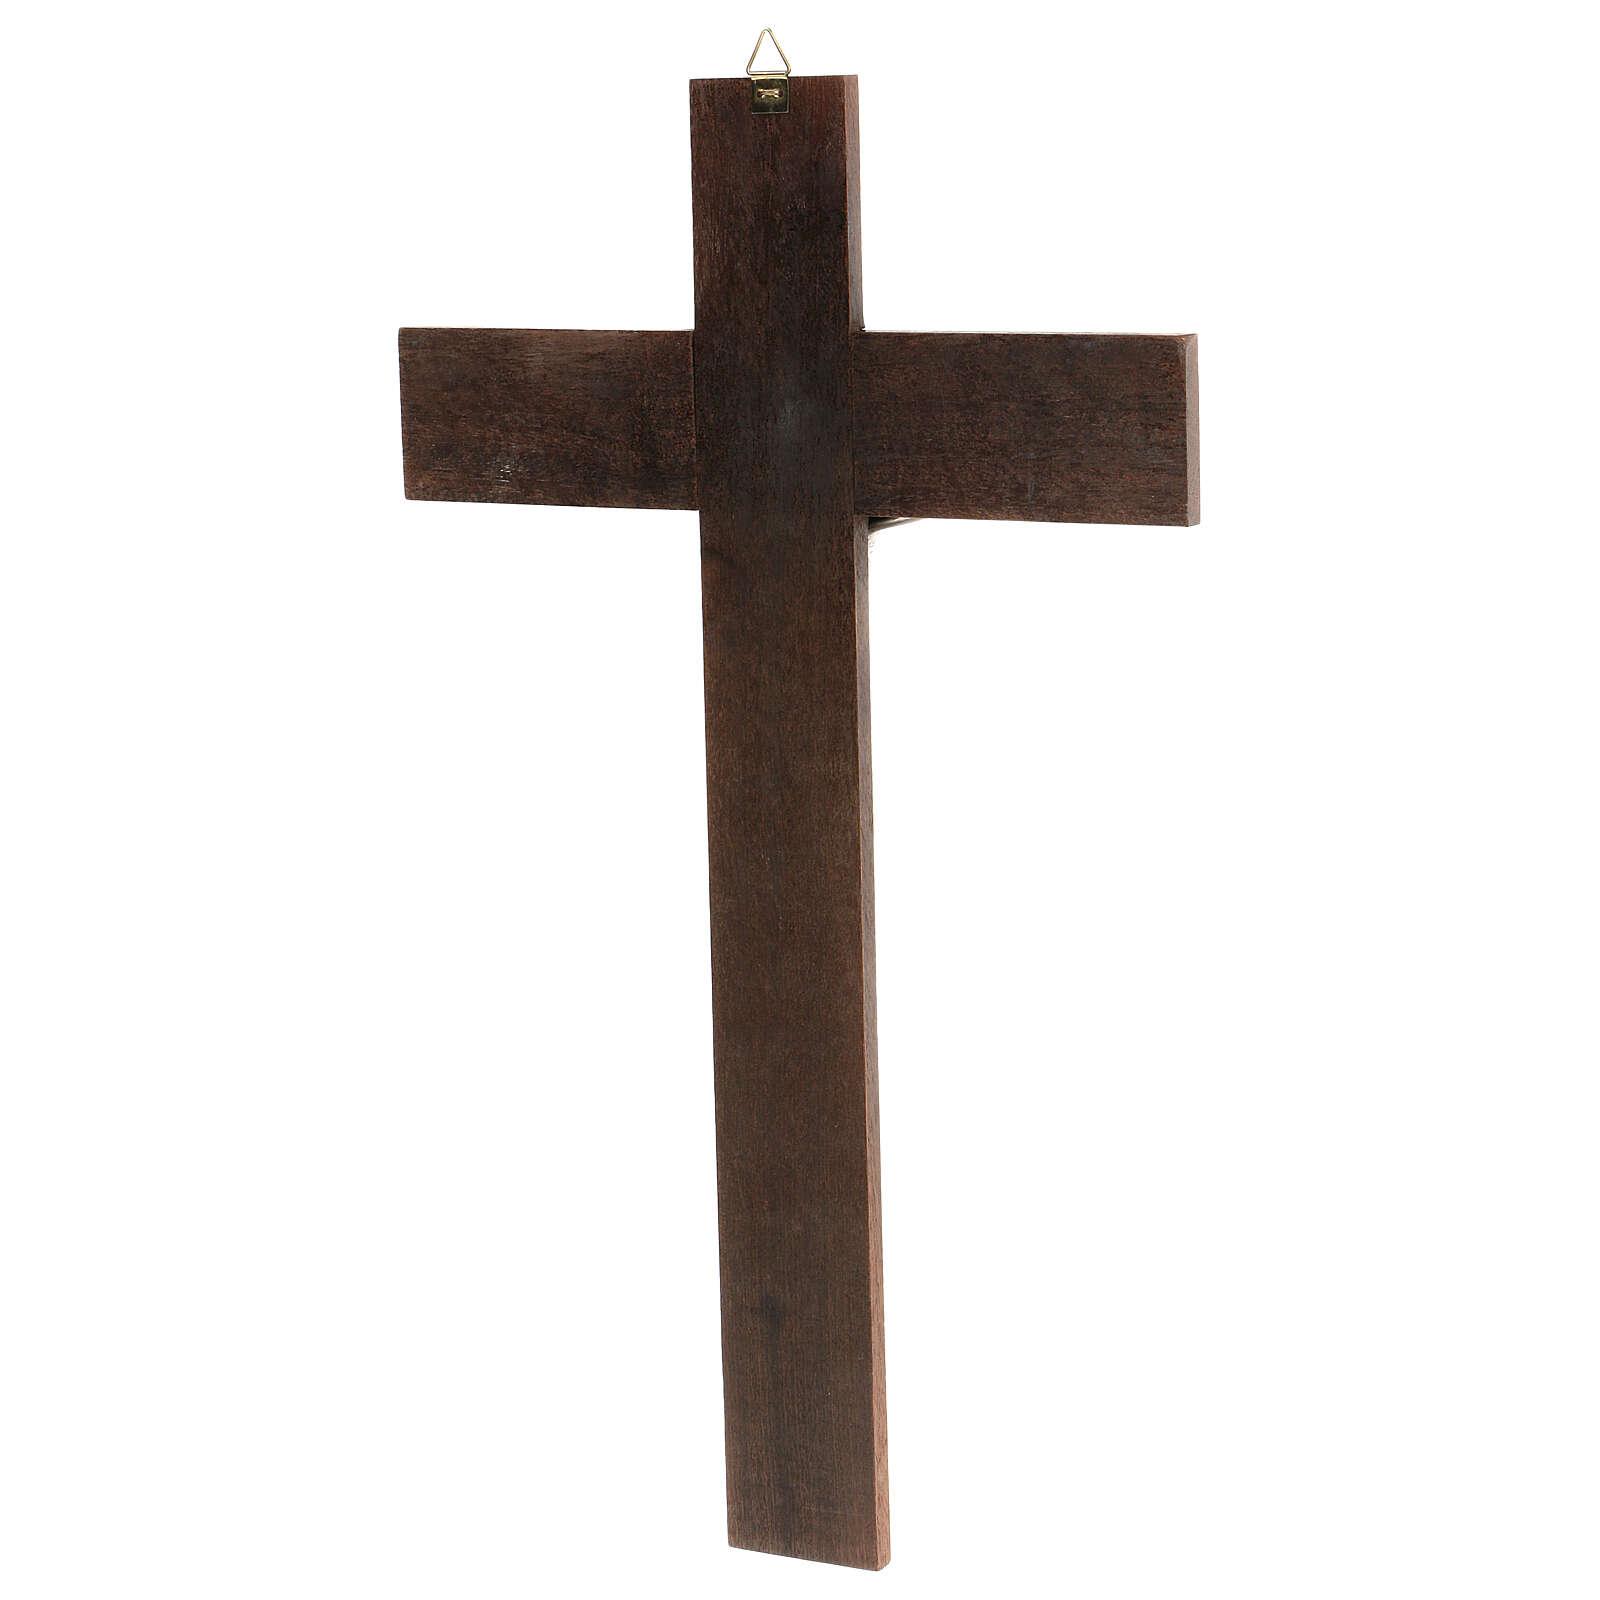 Walnut cross with metal Christ, 35x20 cm 4